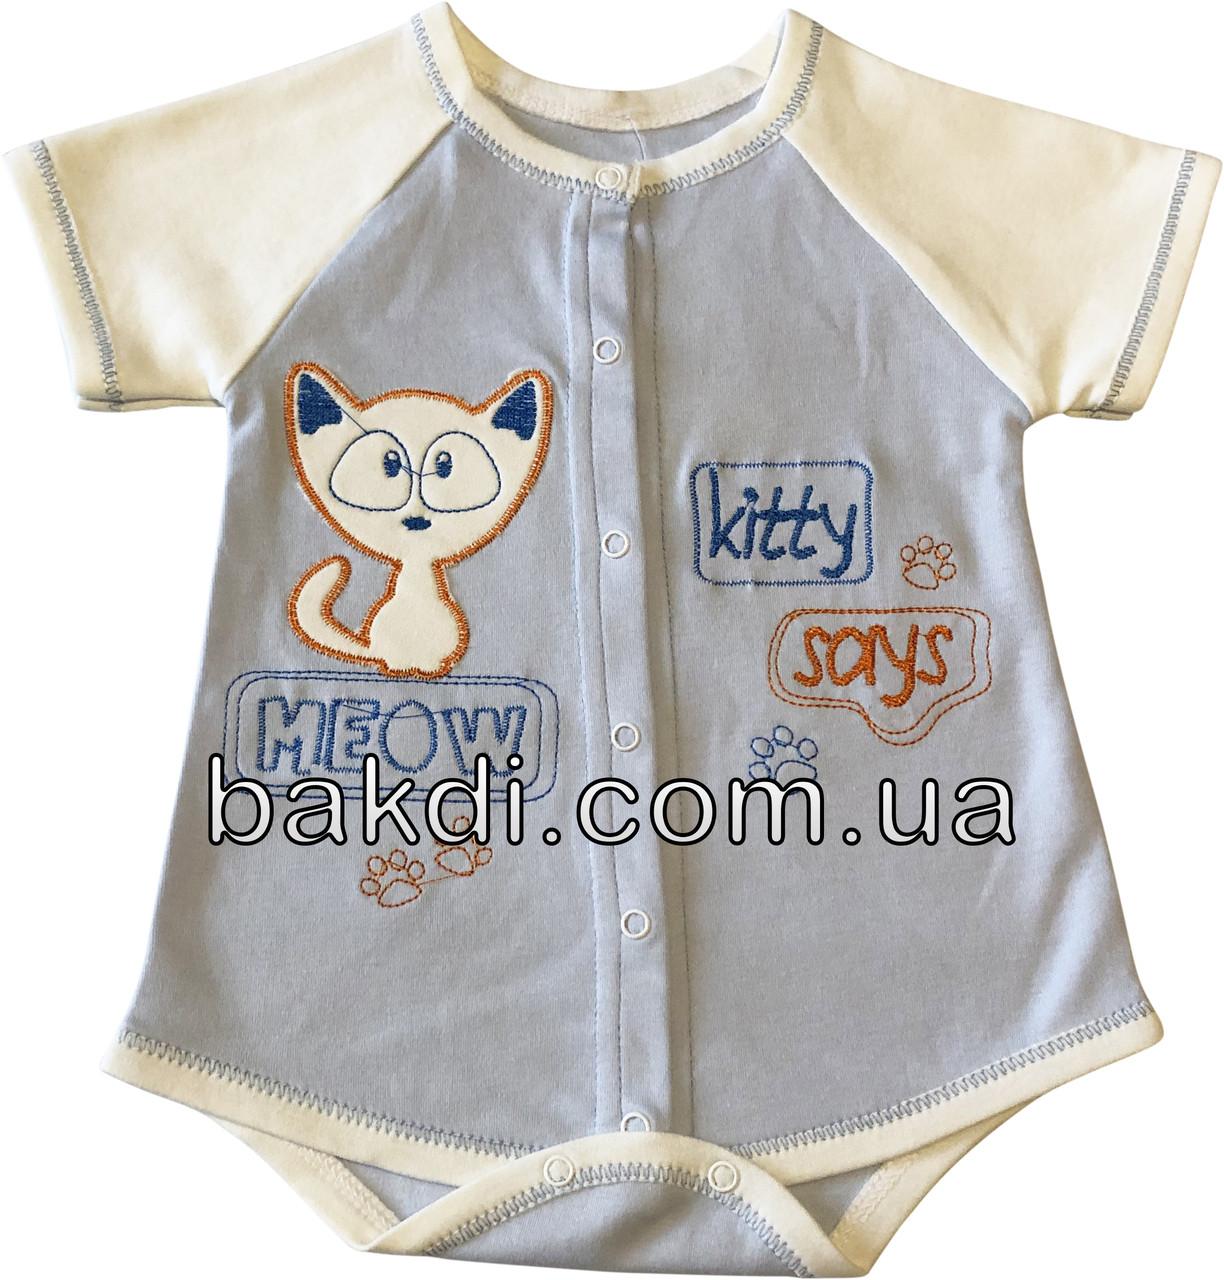 Дитяче літнє боді ріст 56 0-2 міс інтерлок блакитний на хлопчика з коротким рукавом для новонароджених